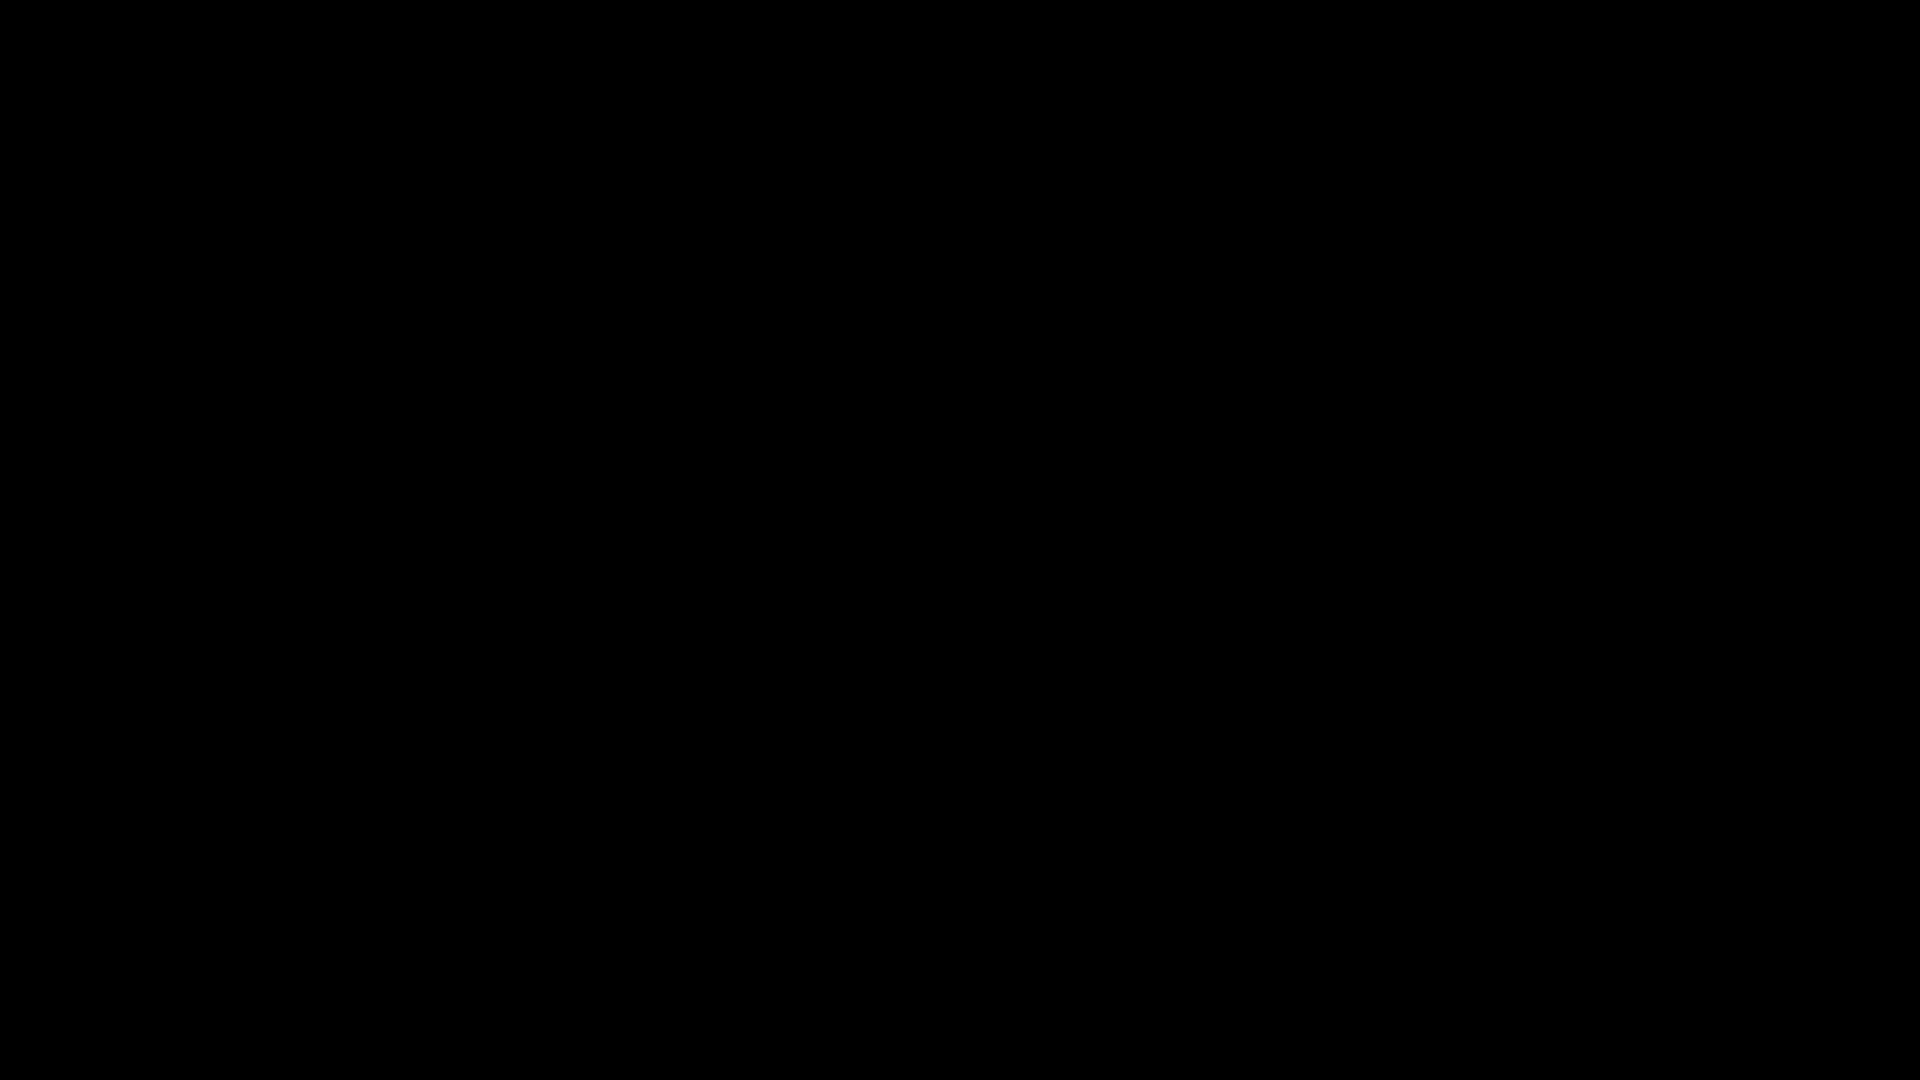 先生と・・・萌え萌えブルマとスクール水着 - 花穂【潮吹き フェラ 立ちバック 立位 対面座位 背面座位 中出し】